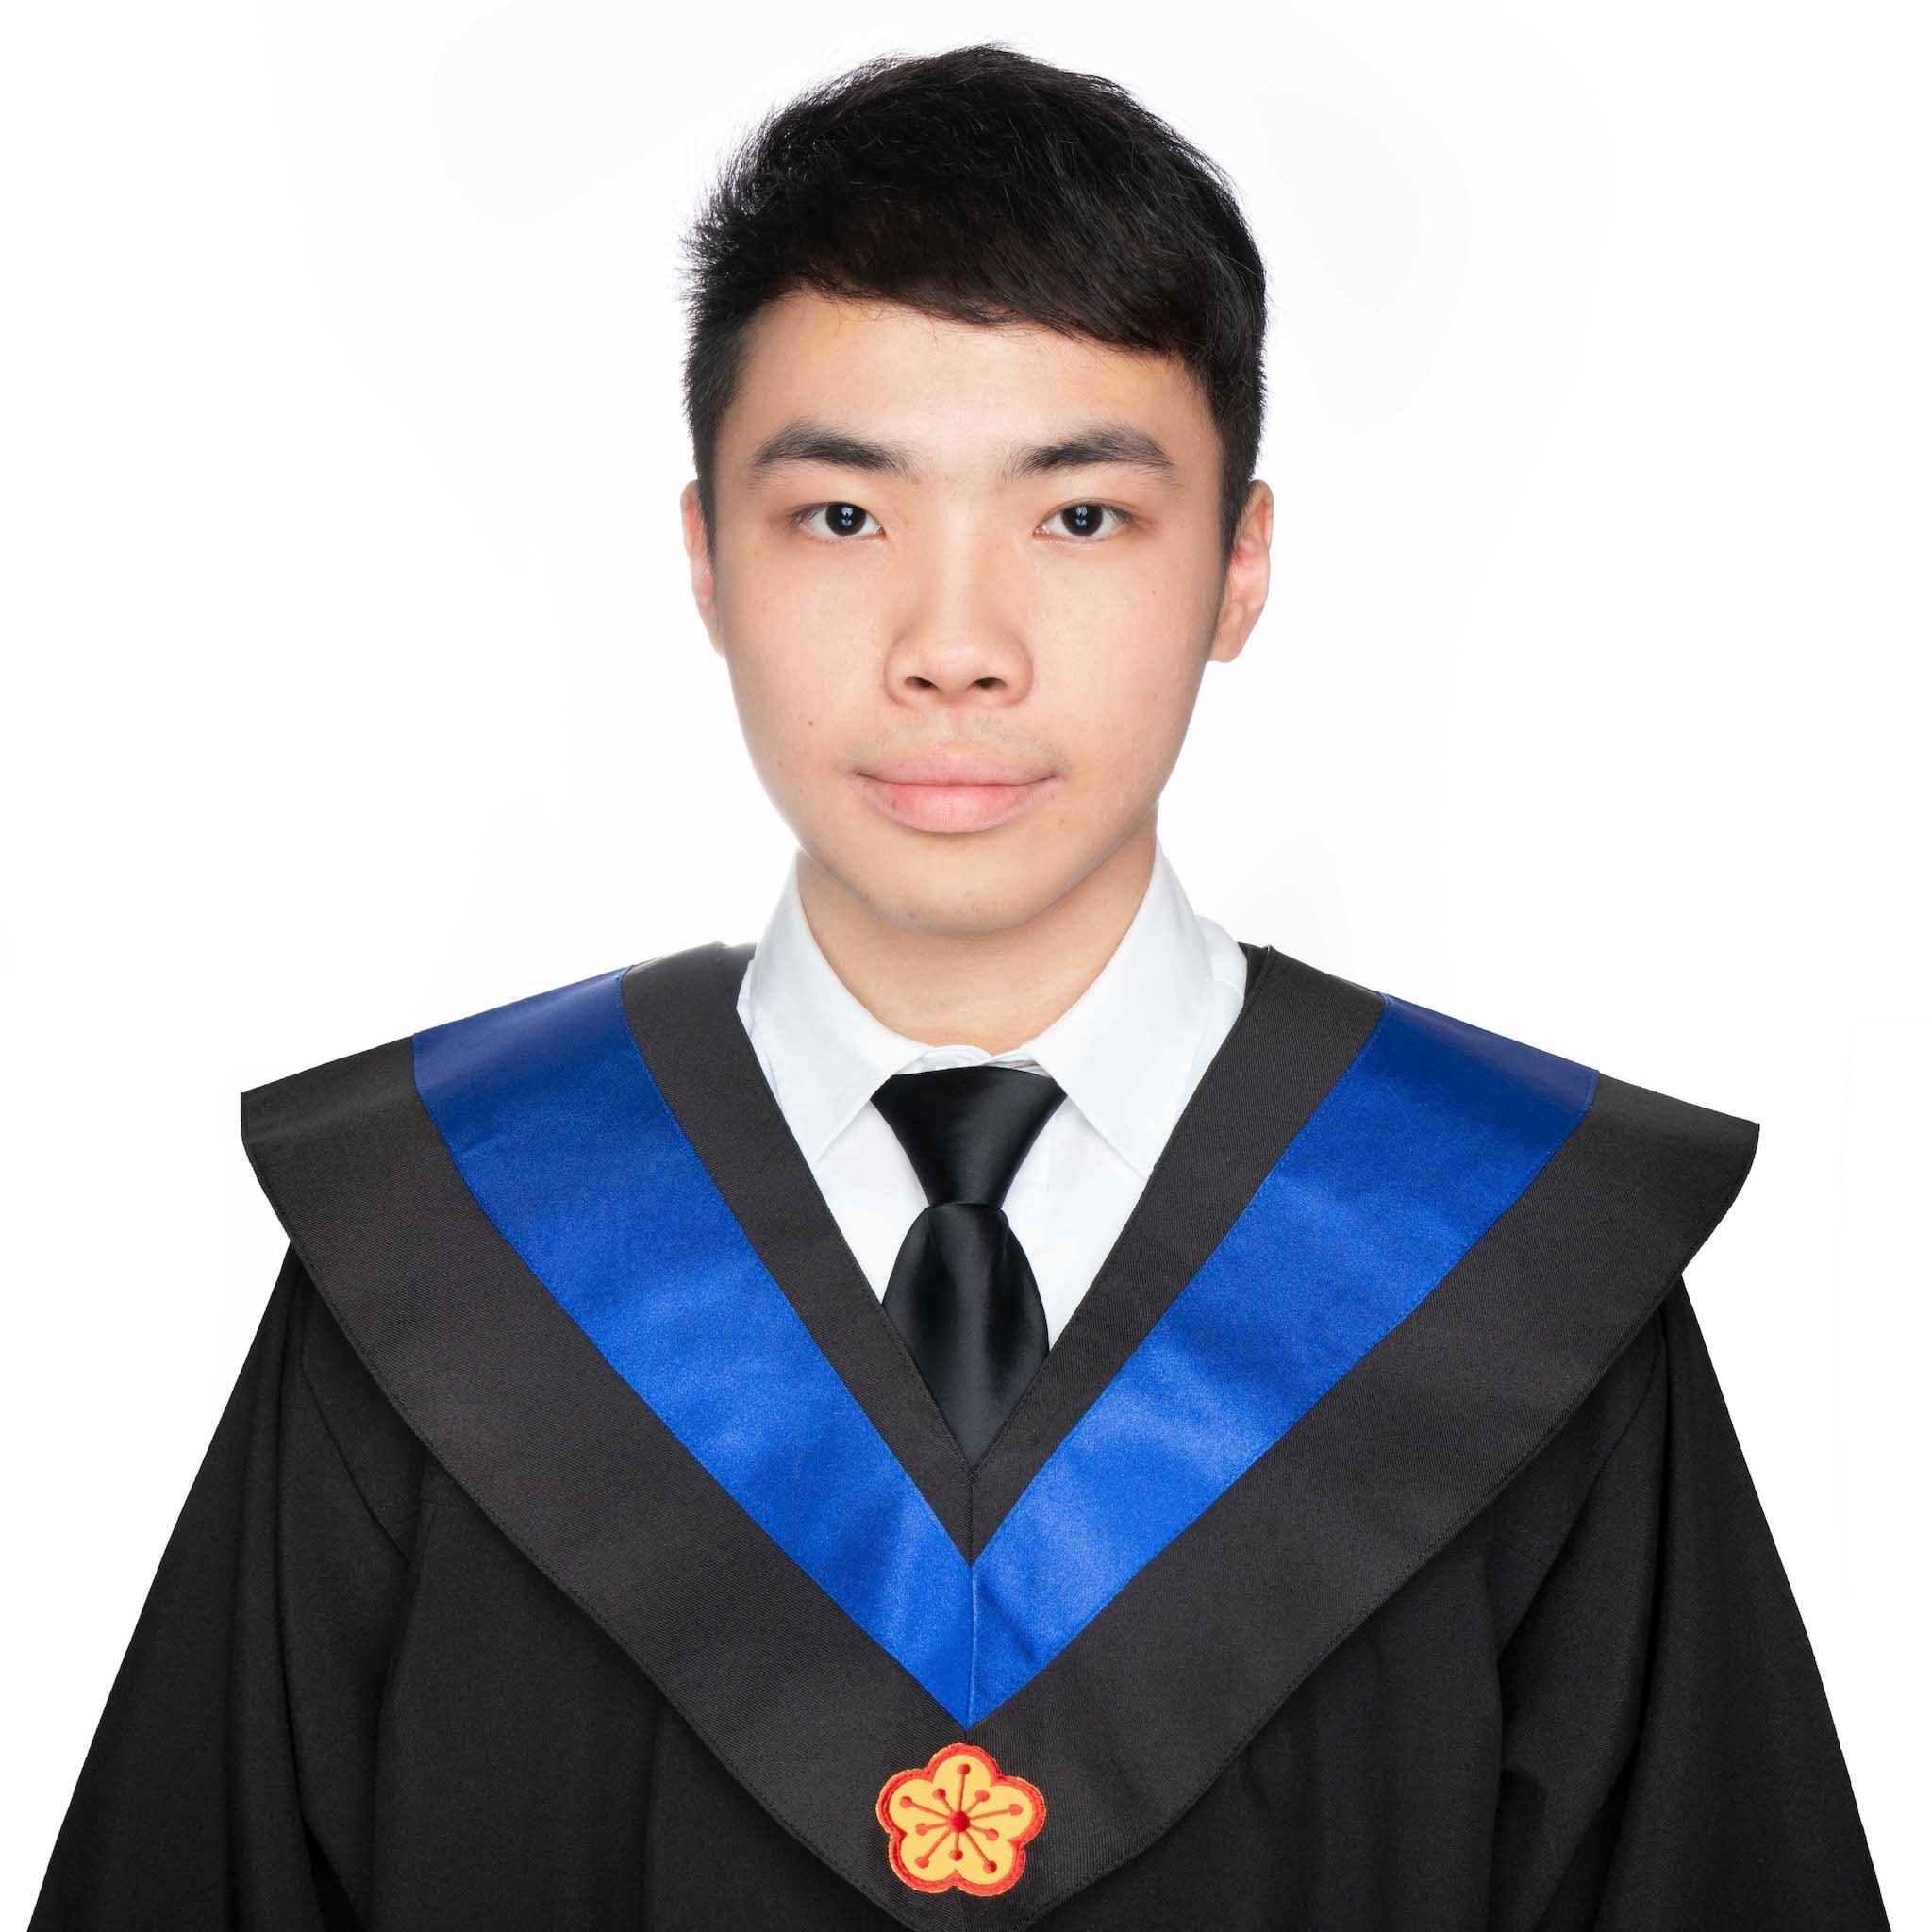 Yung-Sung Chuang